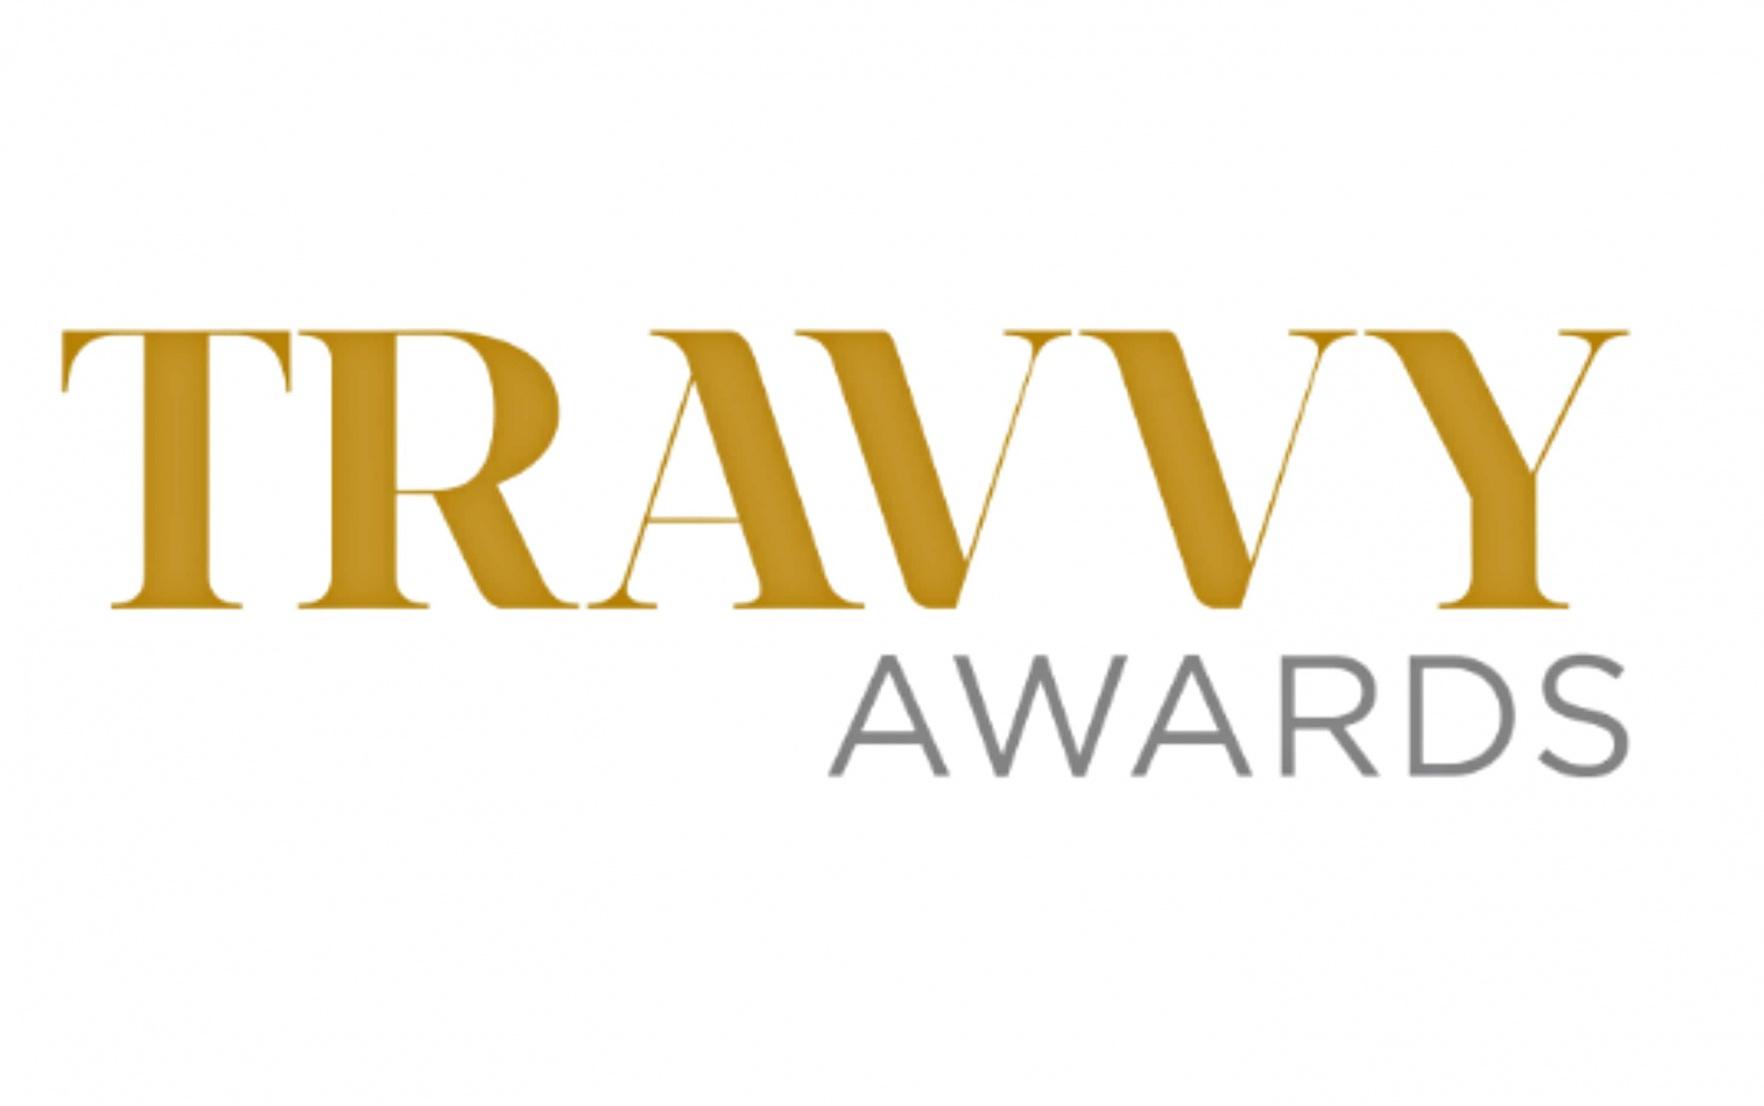 Travvy Awards Logo